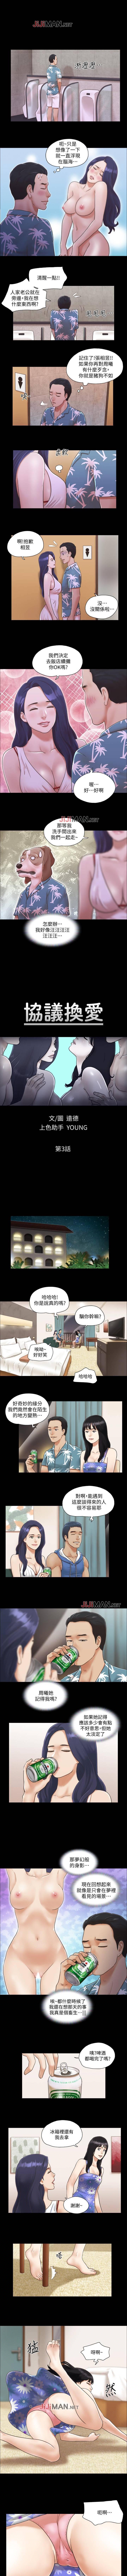 【周五连载】协议换爱(作者:遠德) 第1~62话 9